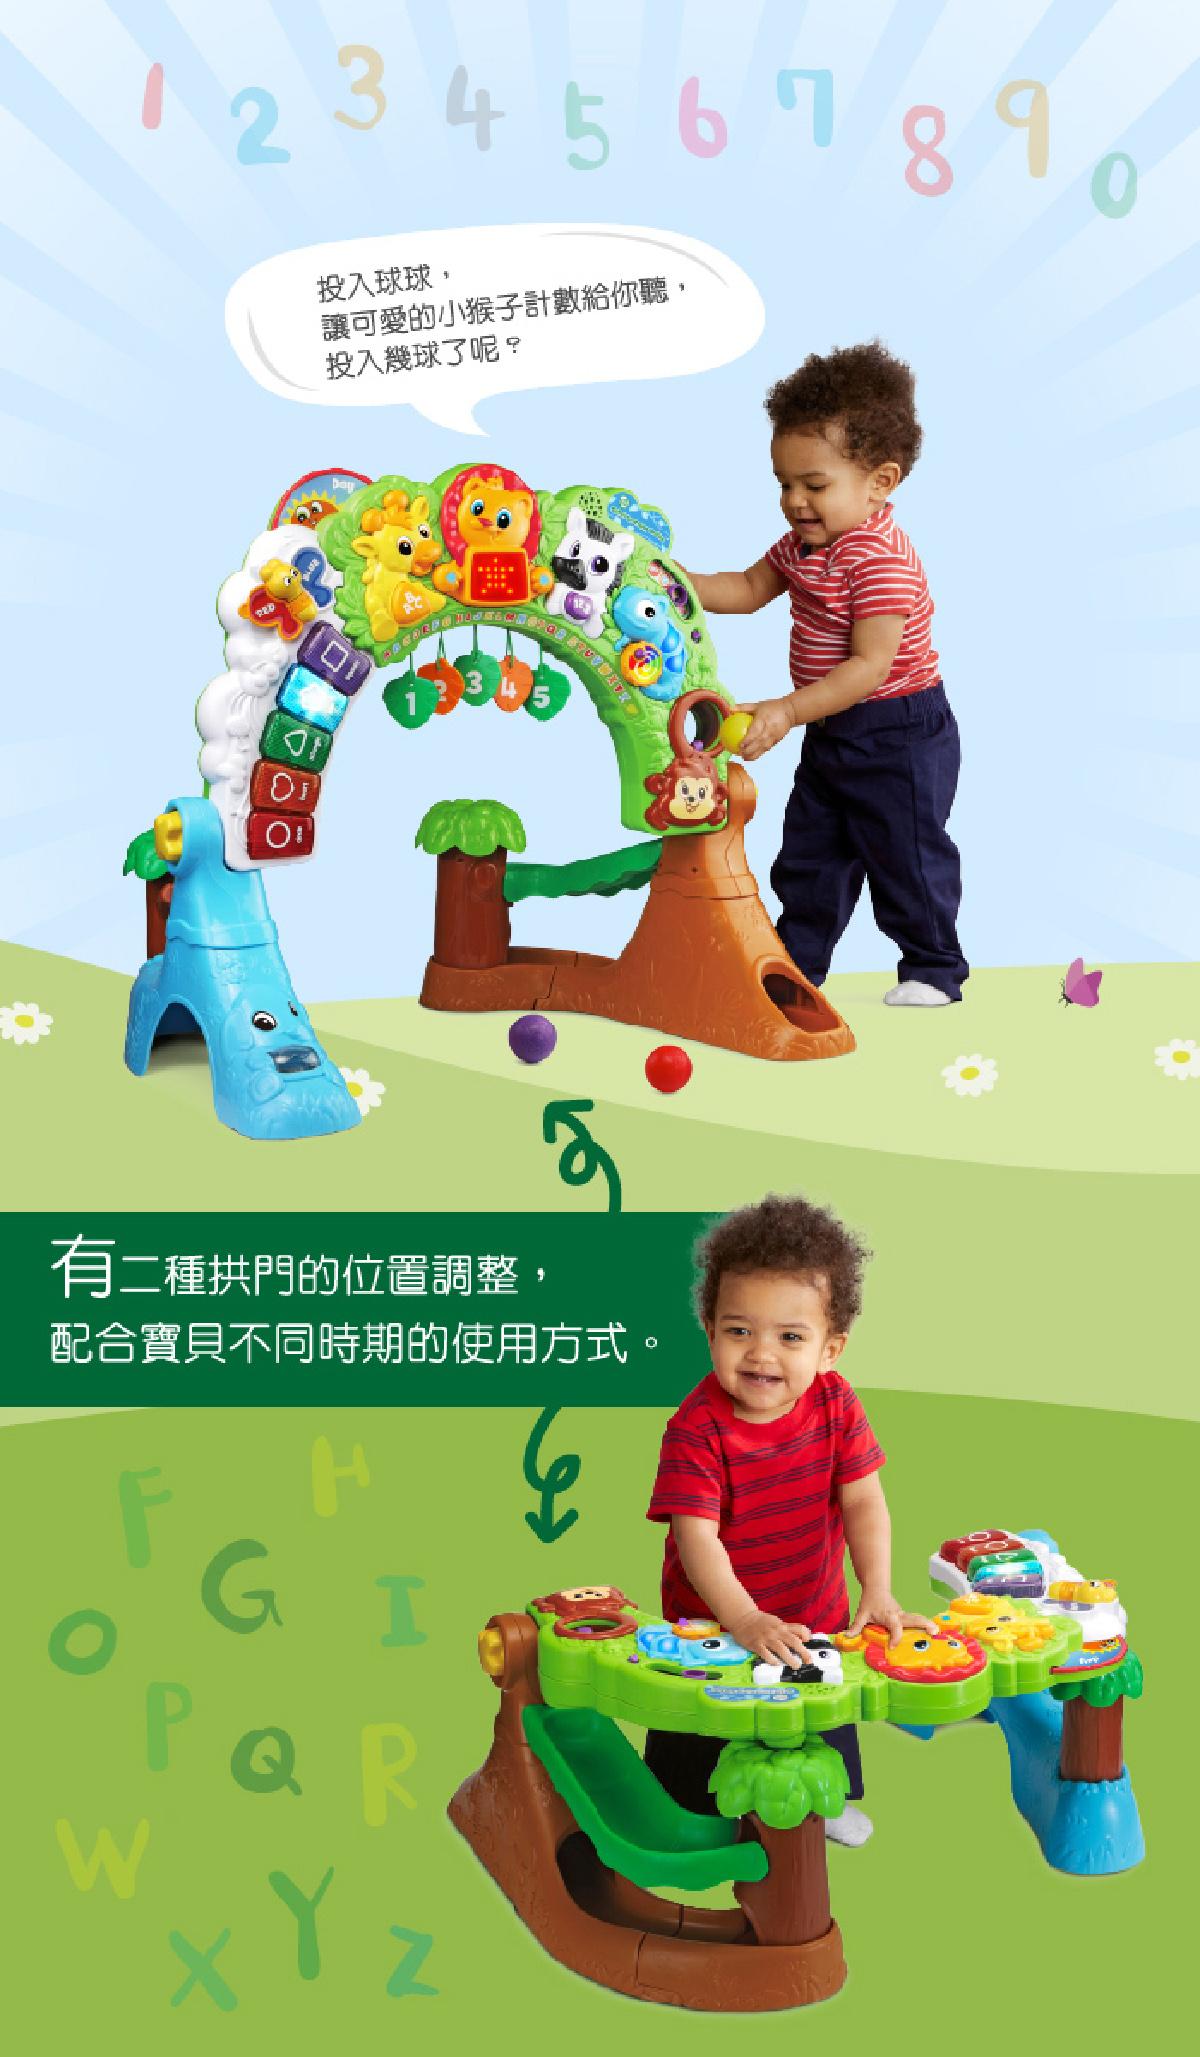 森林動物探險健力架,投入球球,讓可愛的小猴子計數給你聽,有兩種拱門的位置調整,配合寶貝不同時期的使用方式。